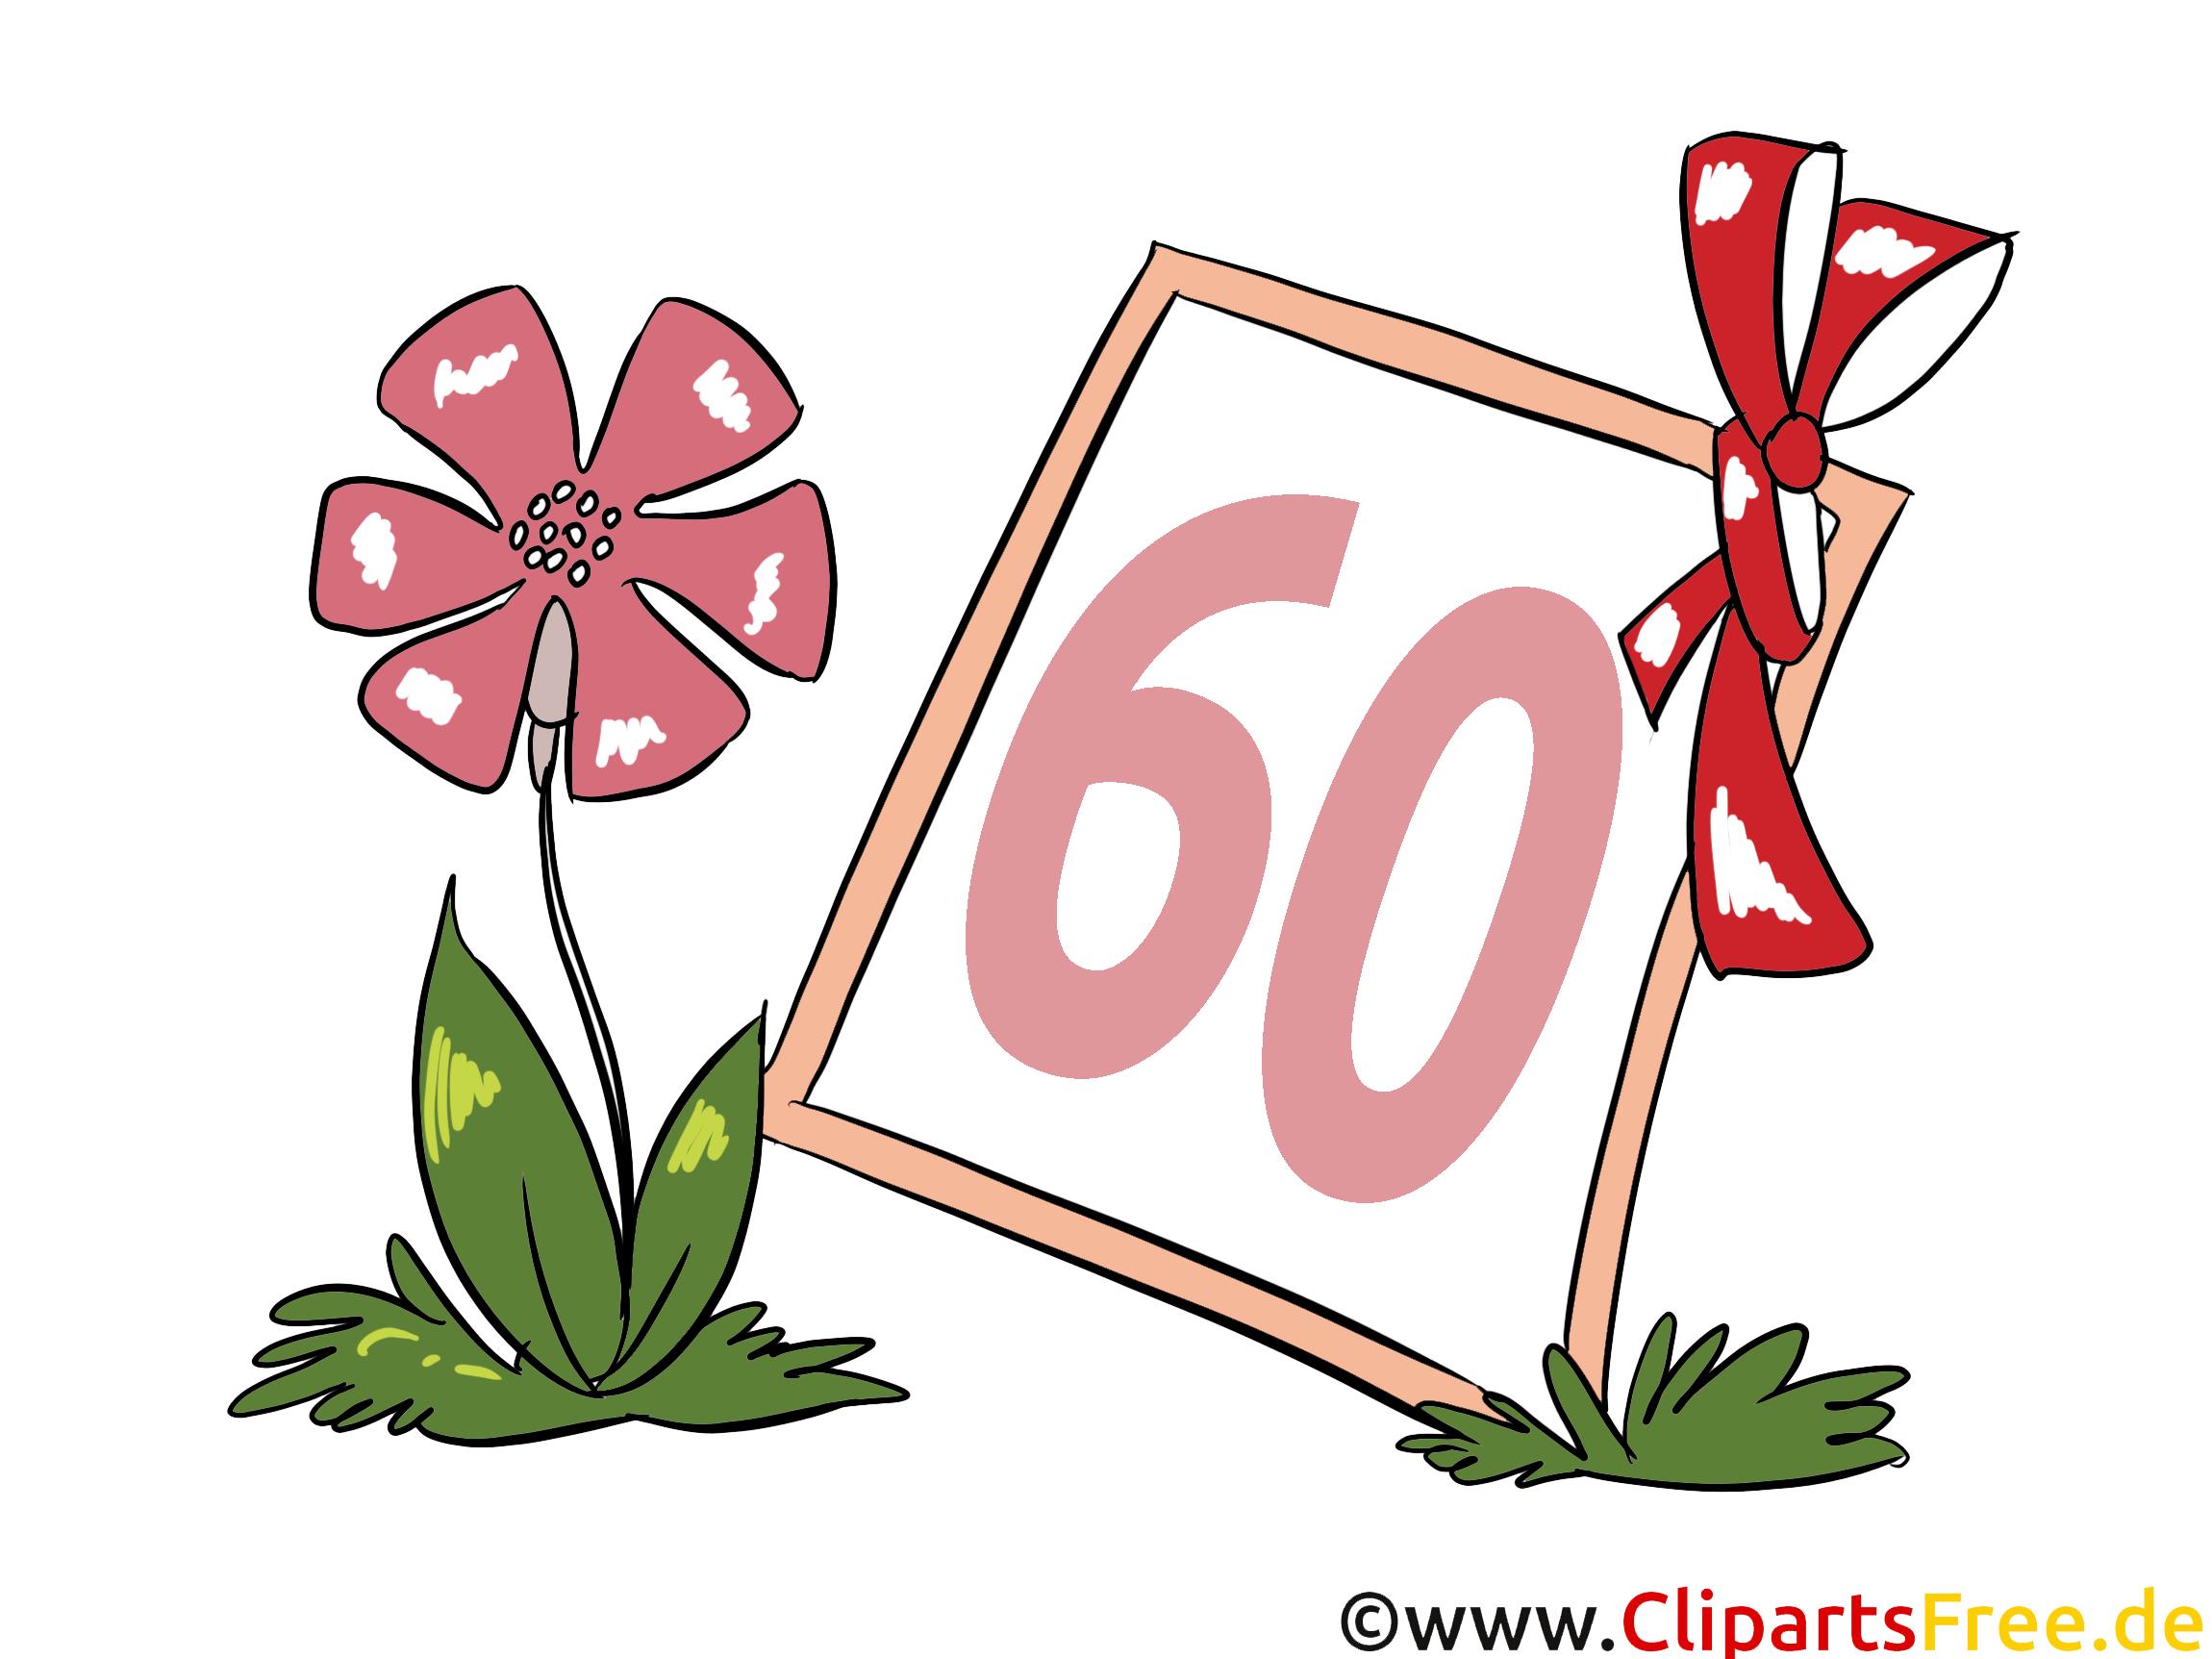 誕生日の願い - 誕生日60年、記念日